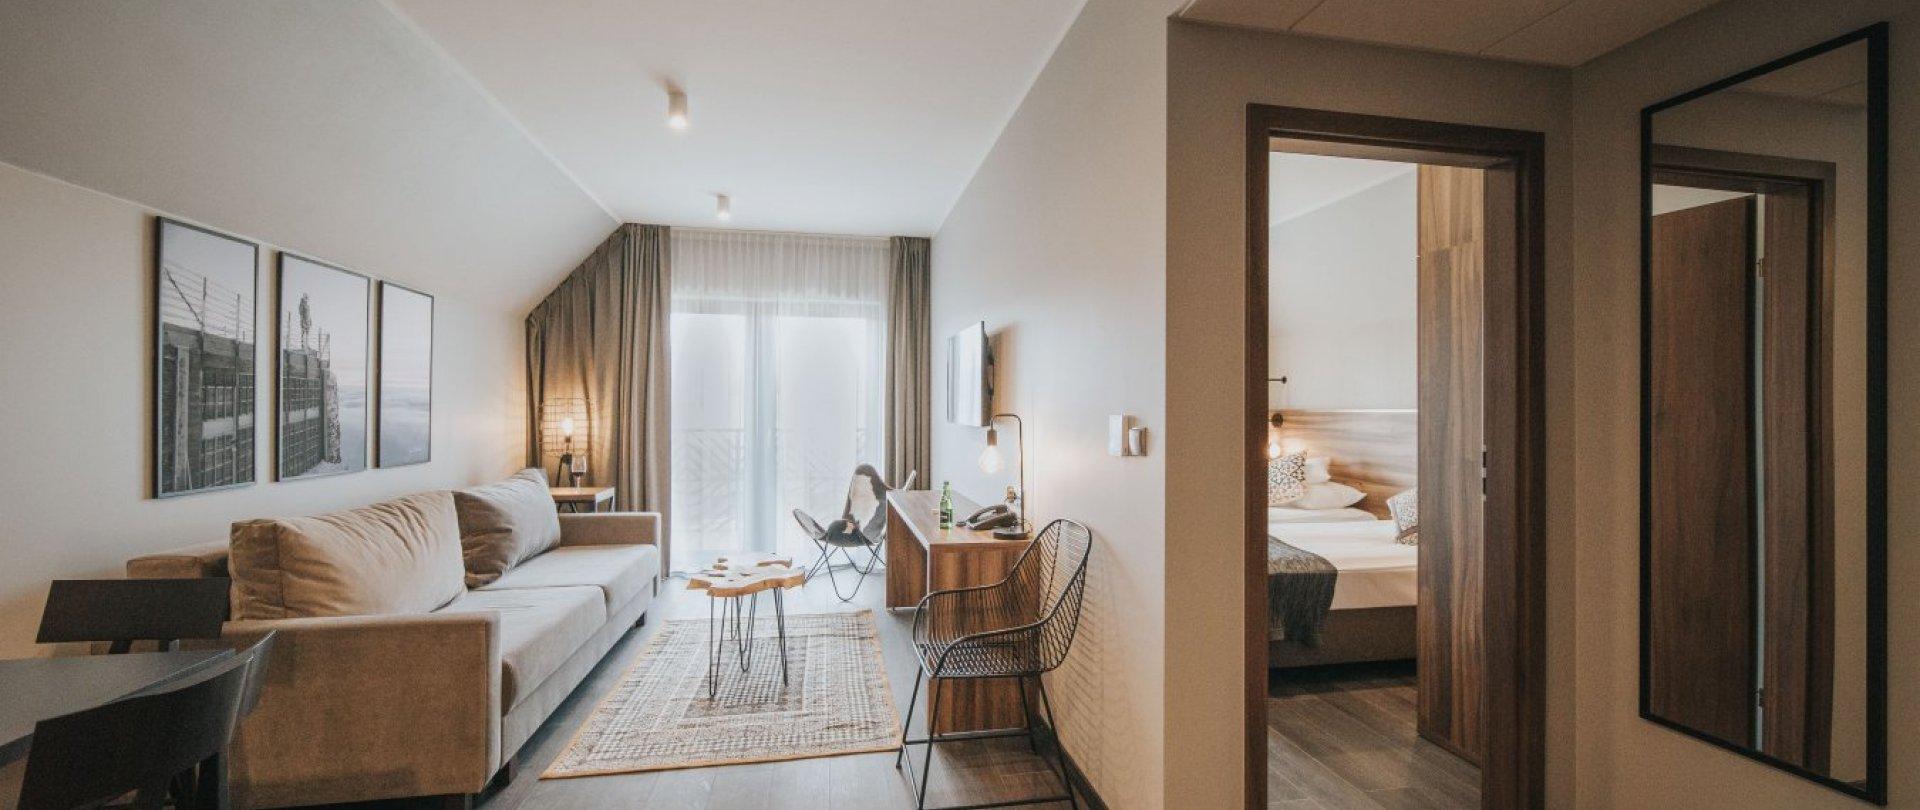 Apartmán s oddělenou ložnicí